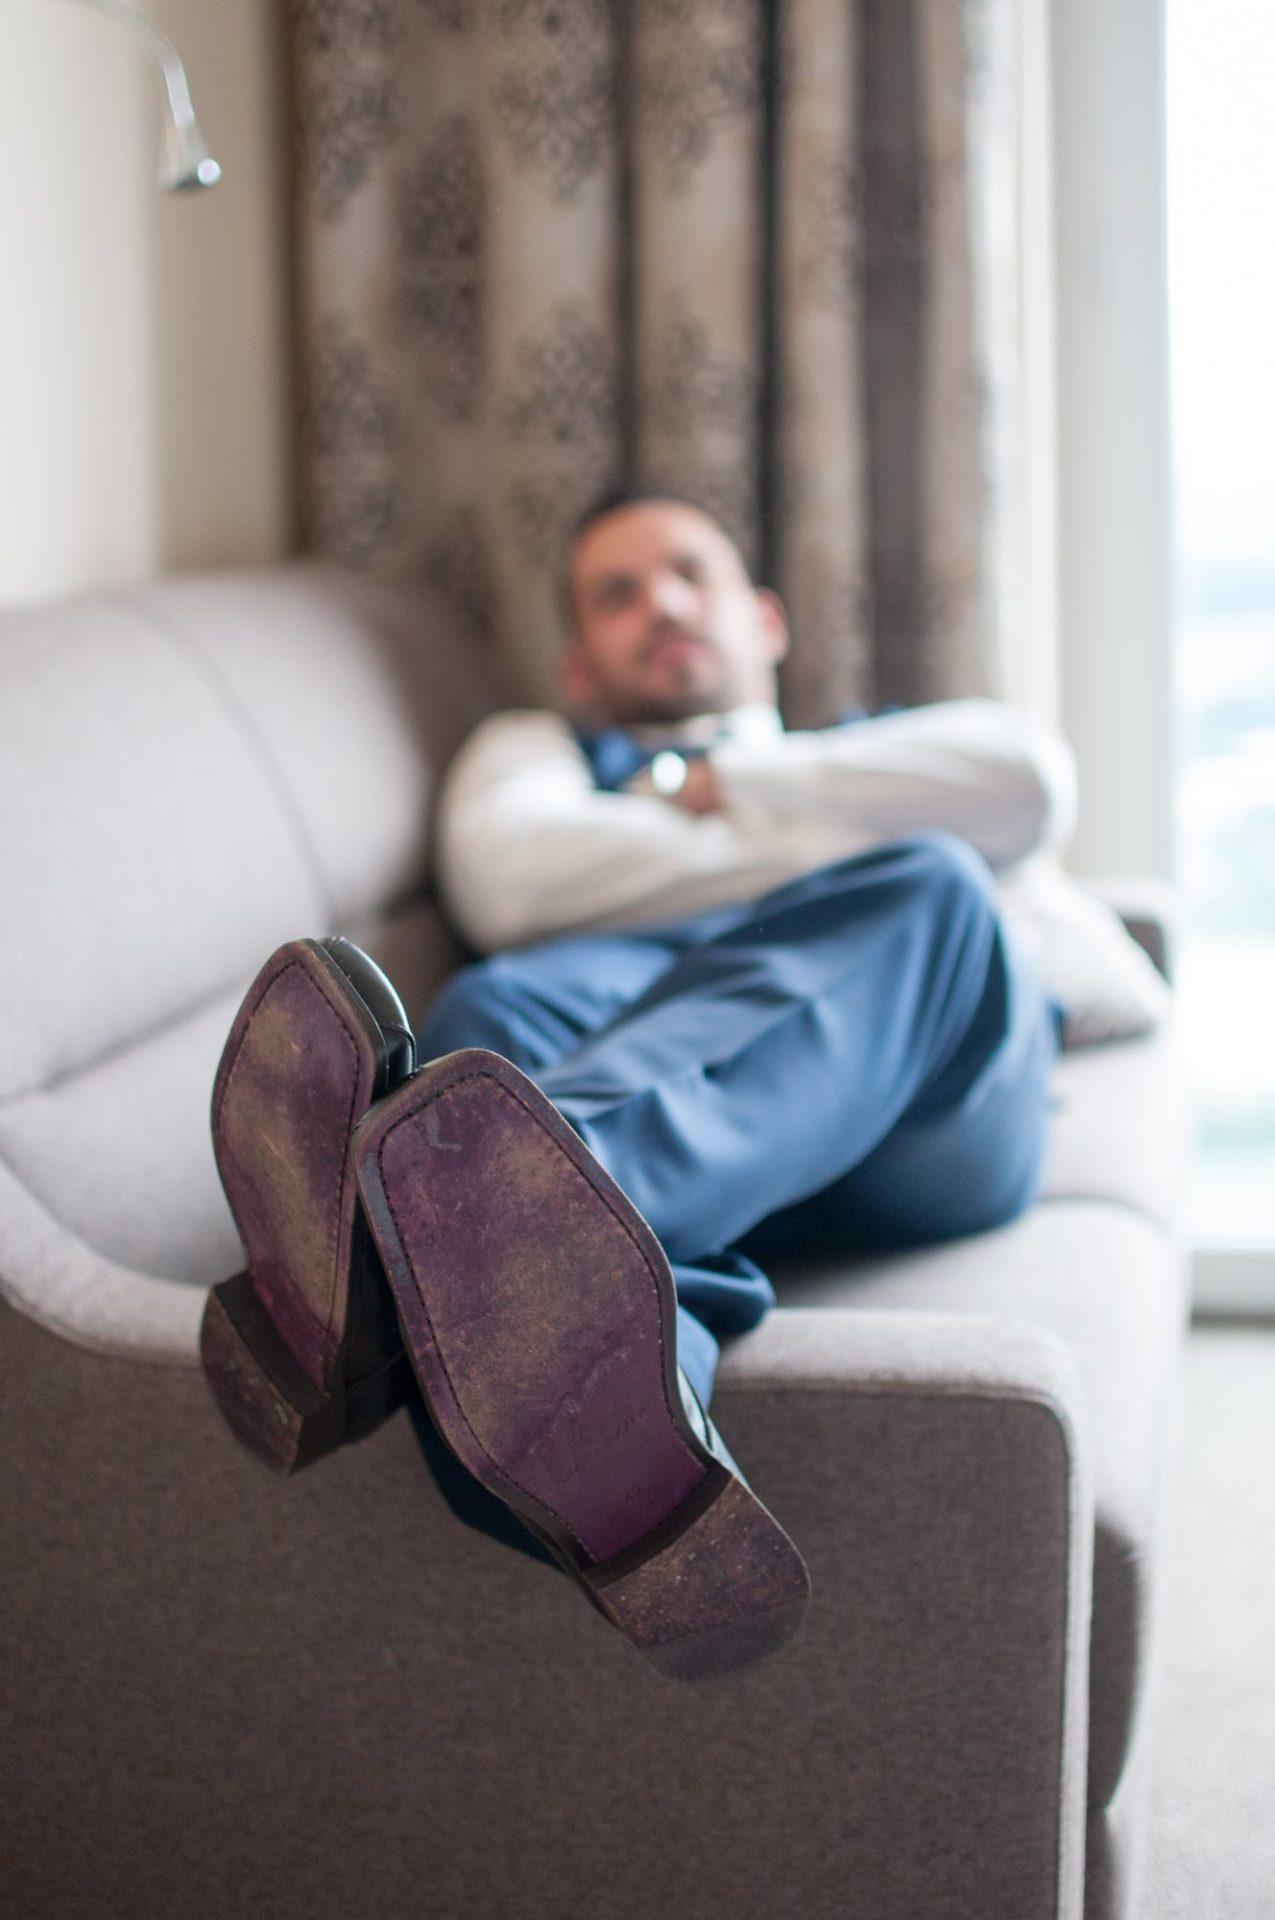 Detailfoto der Schuhe des Bräutigams